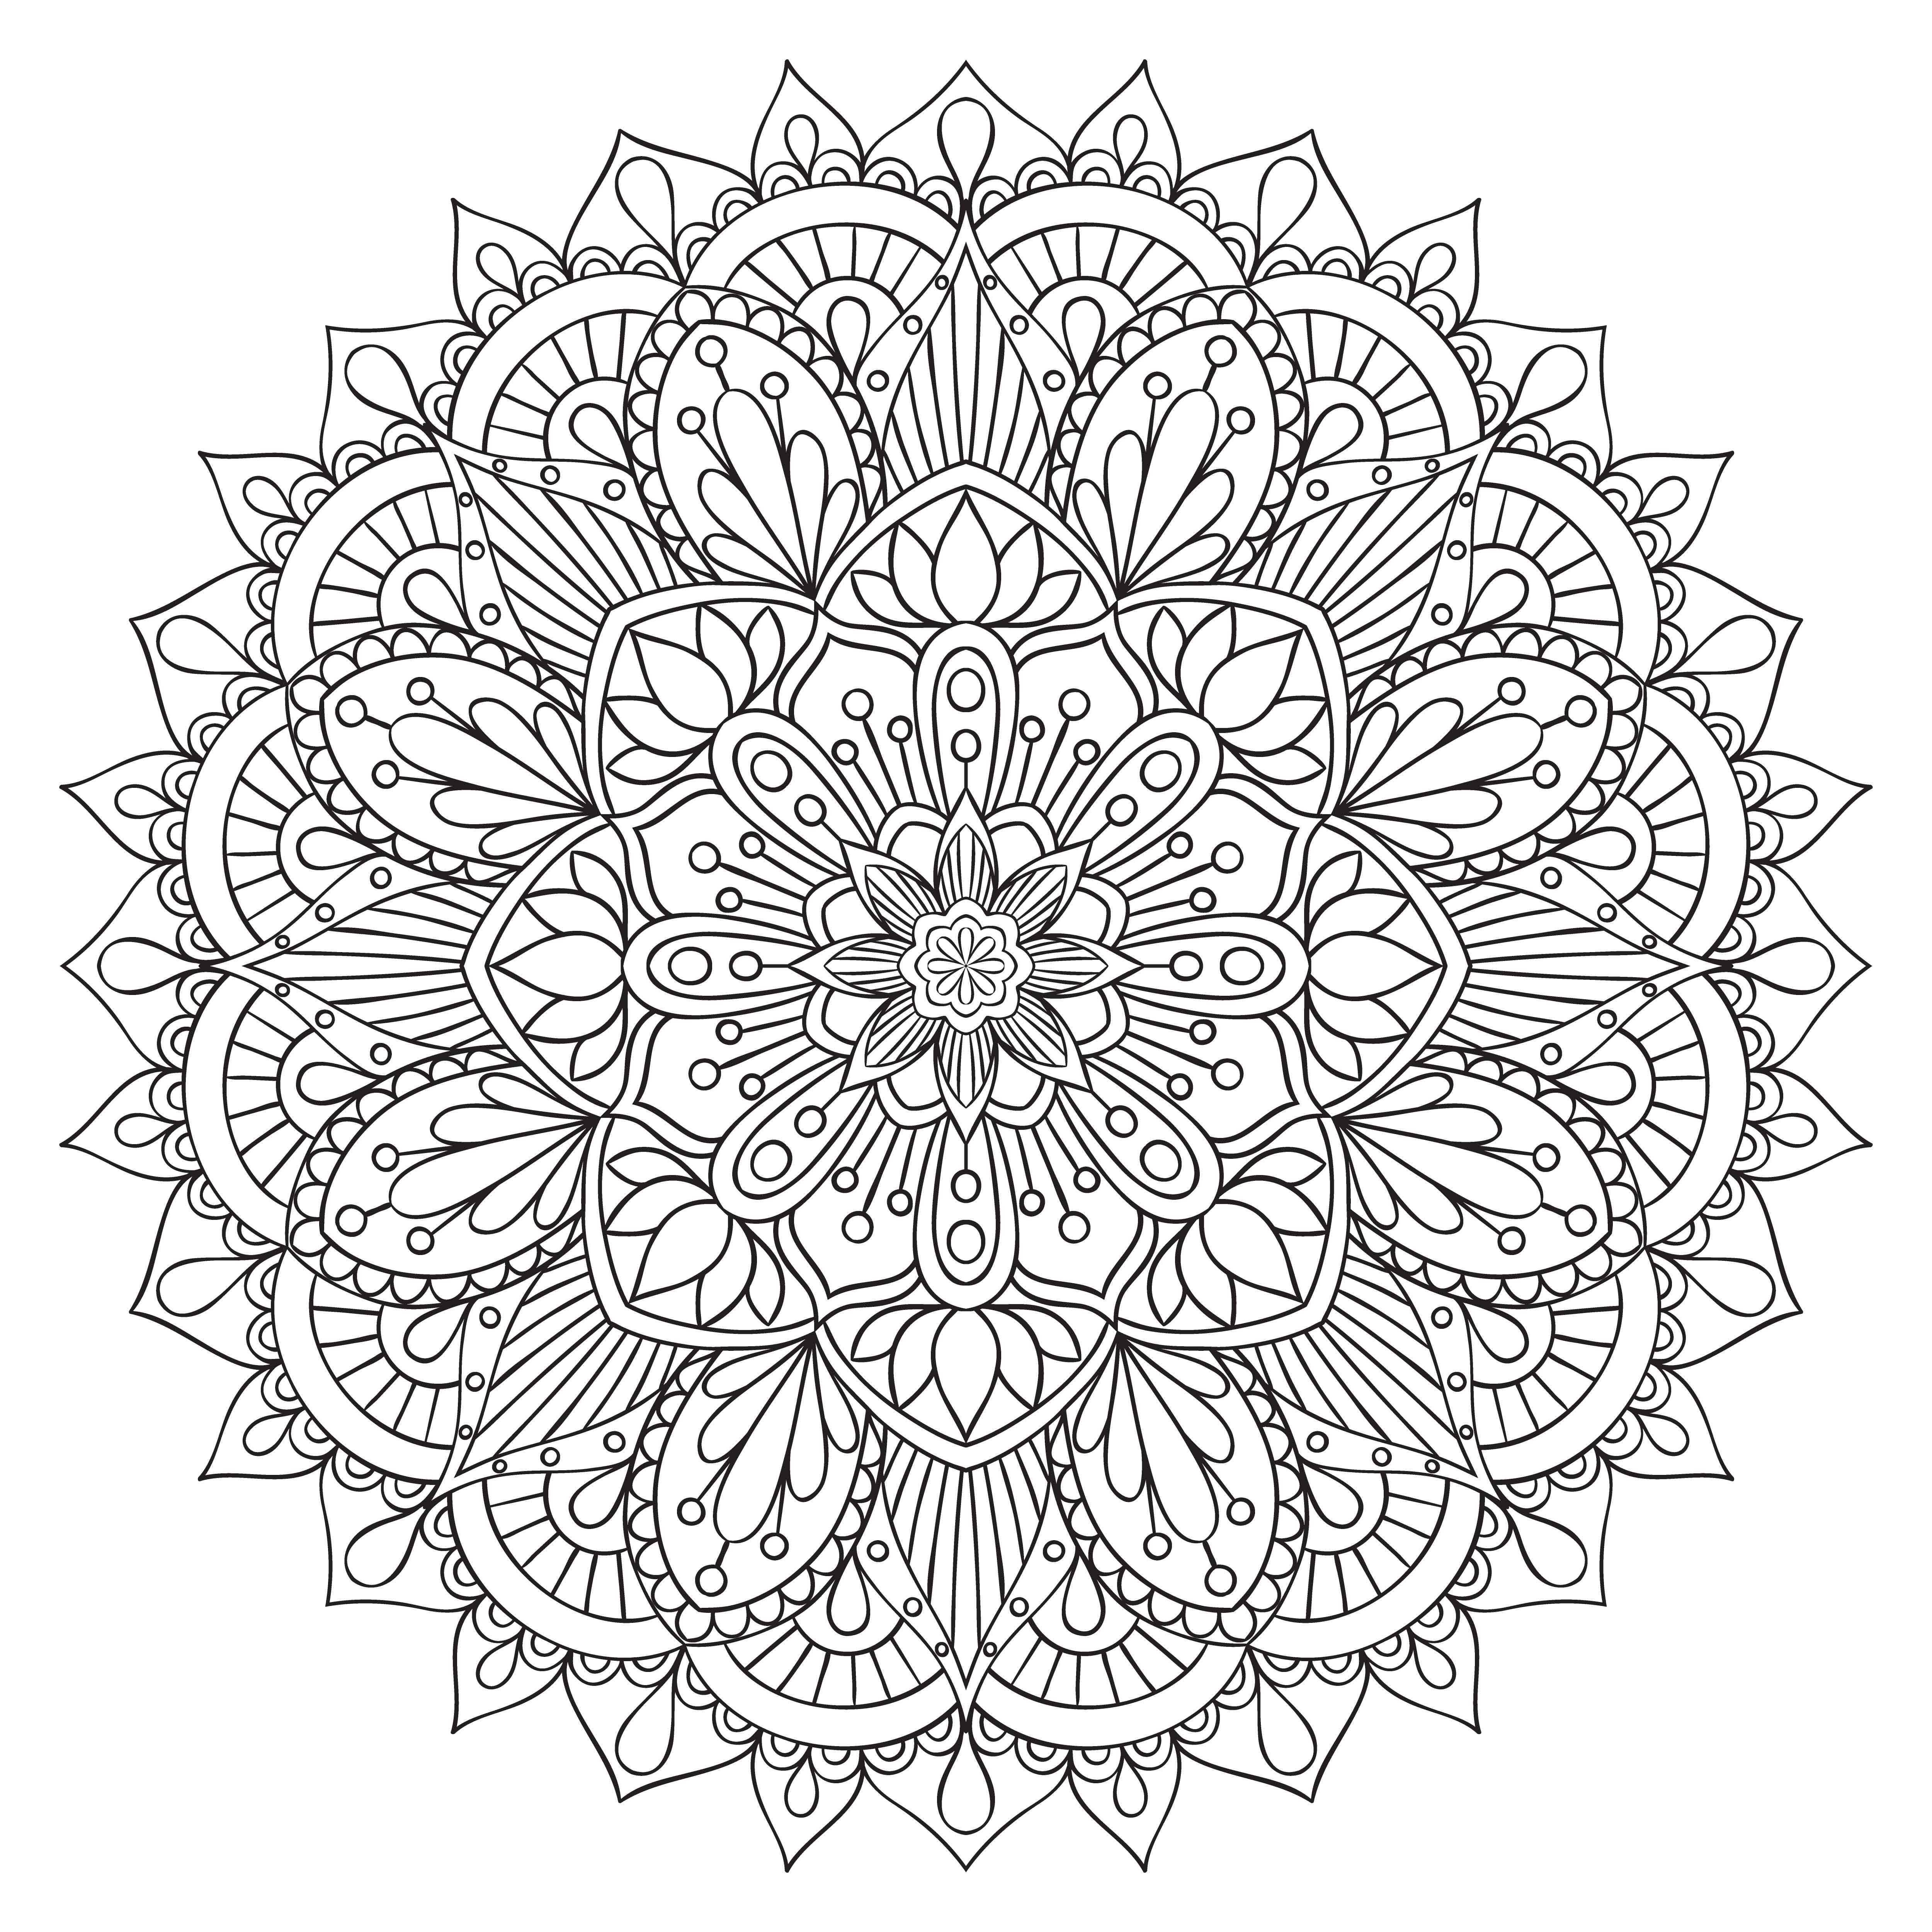 Element De Decoration Oriental Pour Cahier De Coloriage Pour Adulte Ornement Ethnique Mandala Contour Monochrome Modele De Traitement Anti Stress Symbole De Yoga Telecharger Vectoriel Gratuit Clipart Graphique Vecteur Dessins Et Pictogramme